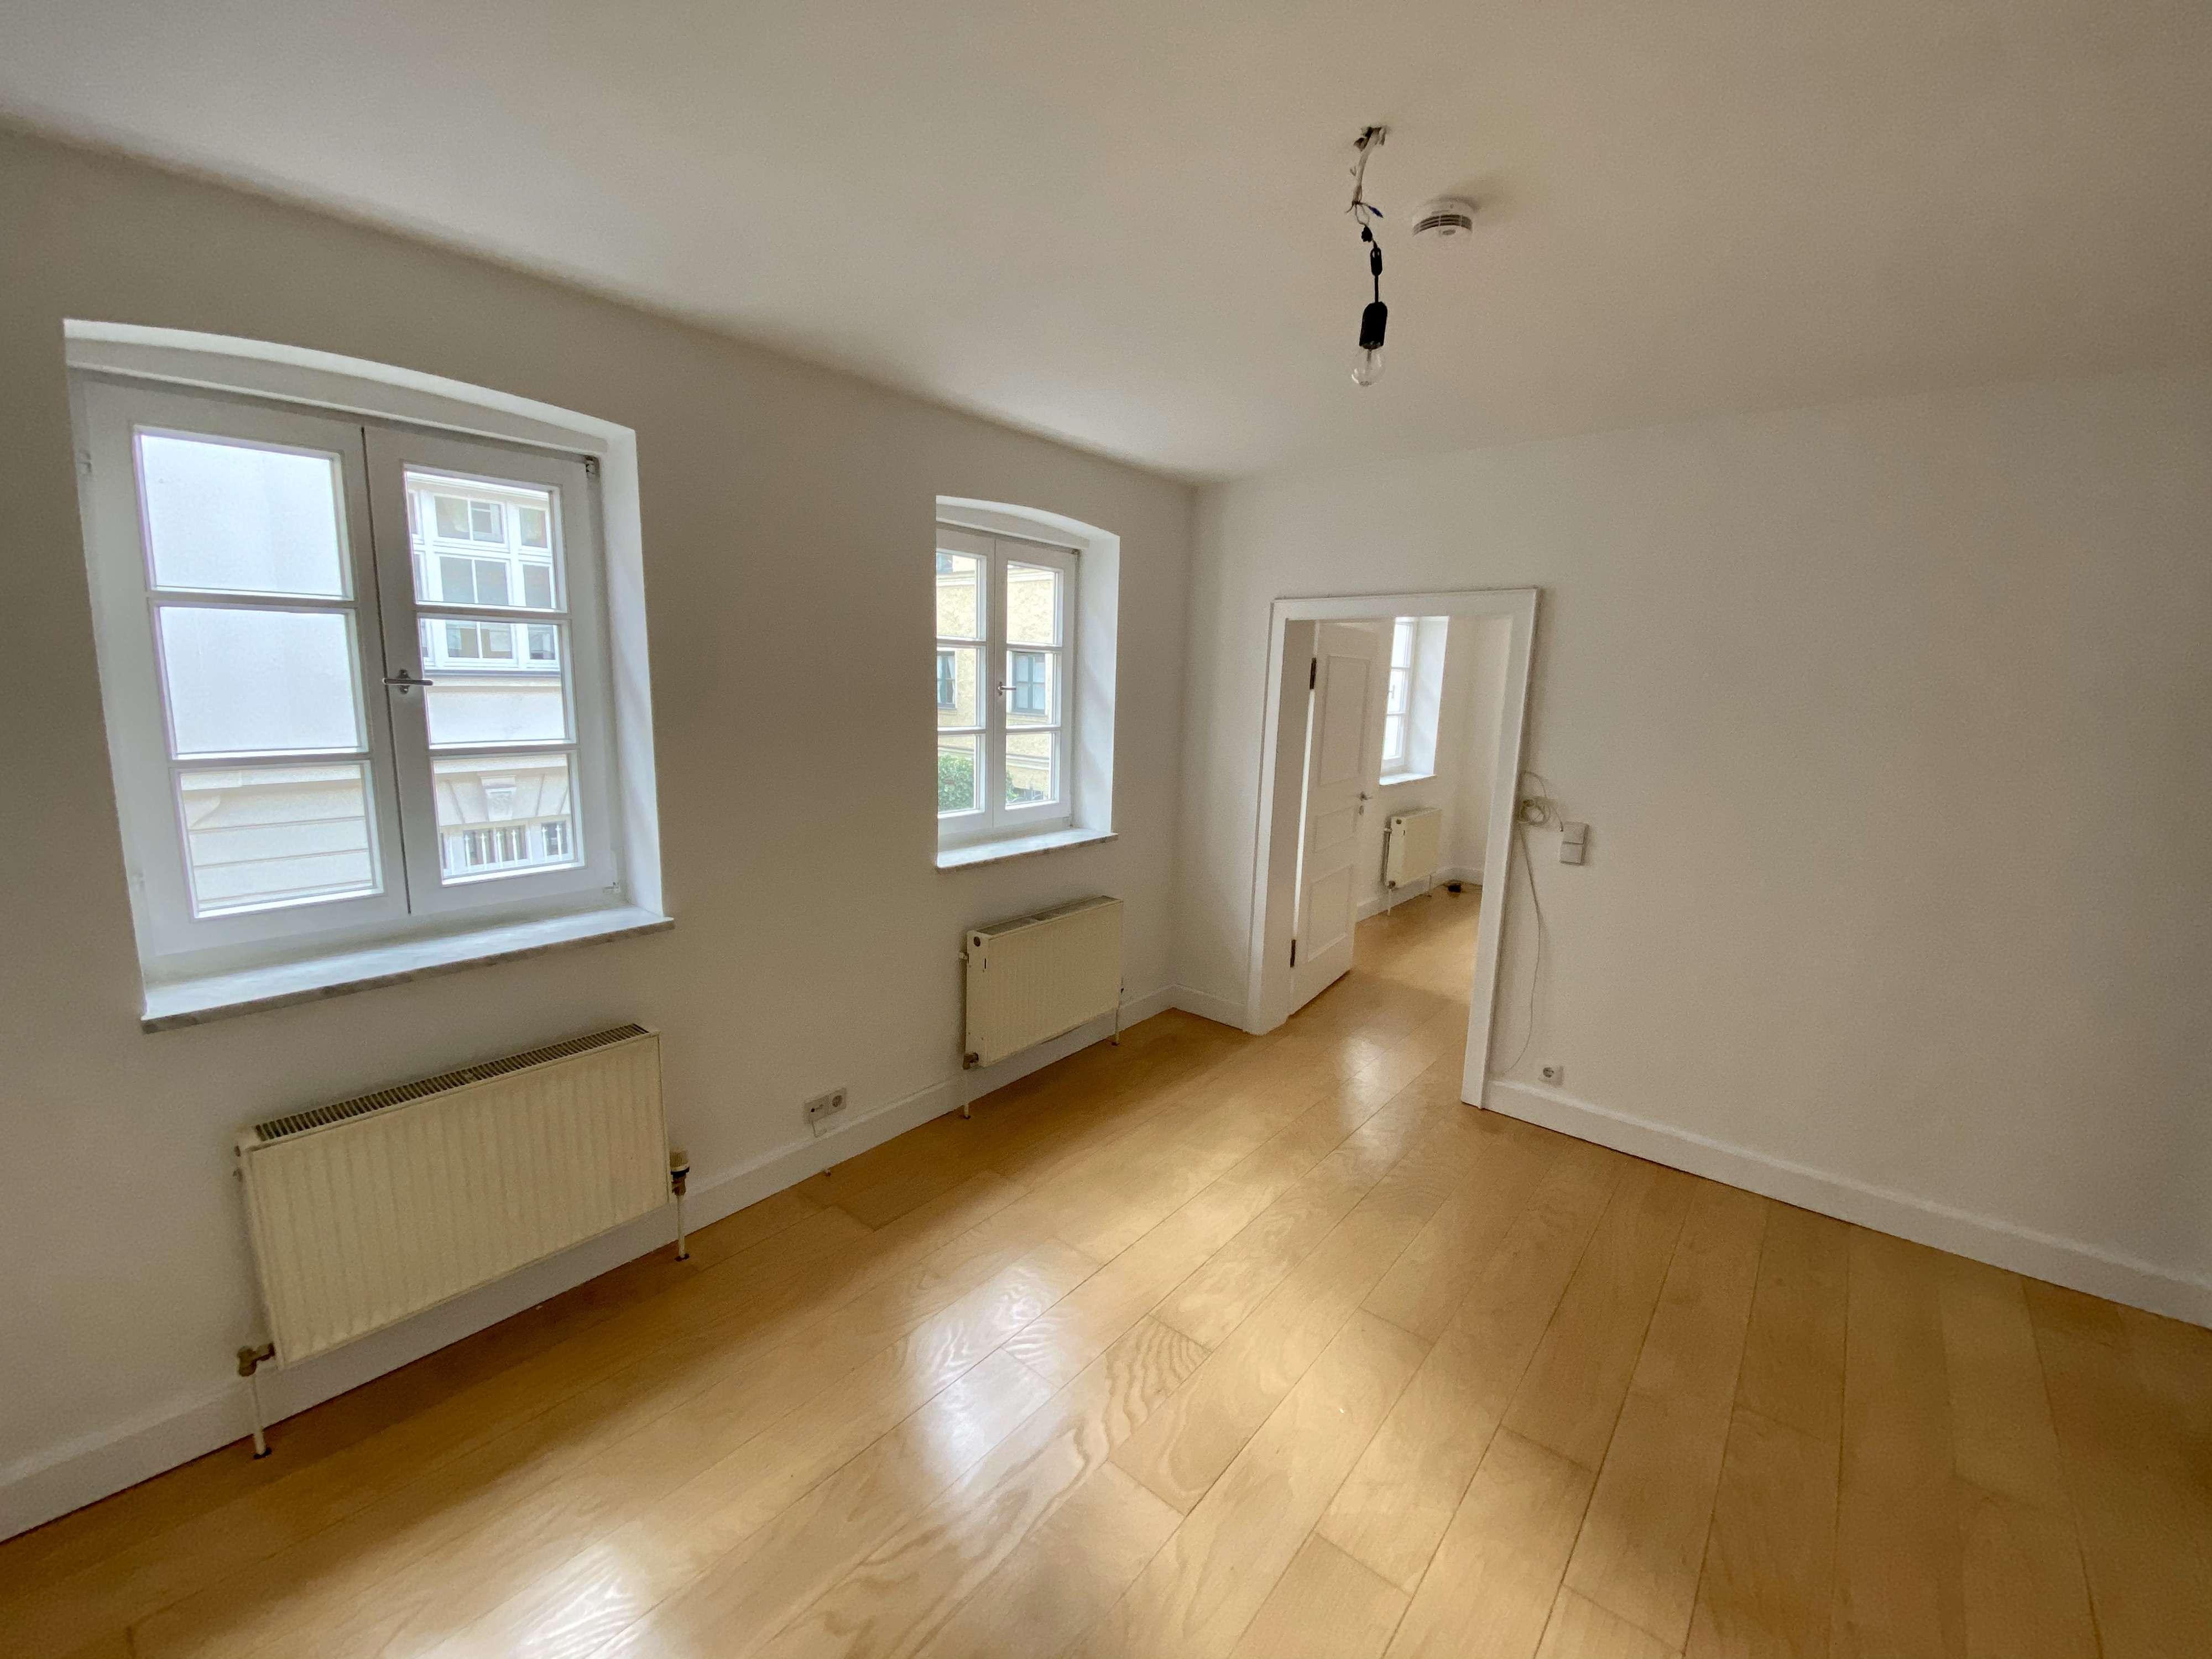 Haidhausen, Max-Weber-Platz: 2-Zimmer, Etagenwohnung, parknah in Haidhausen (München)